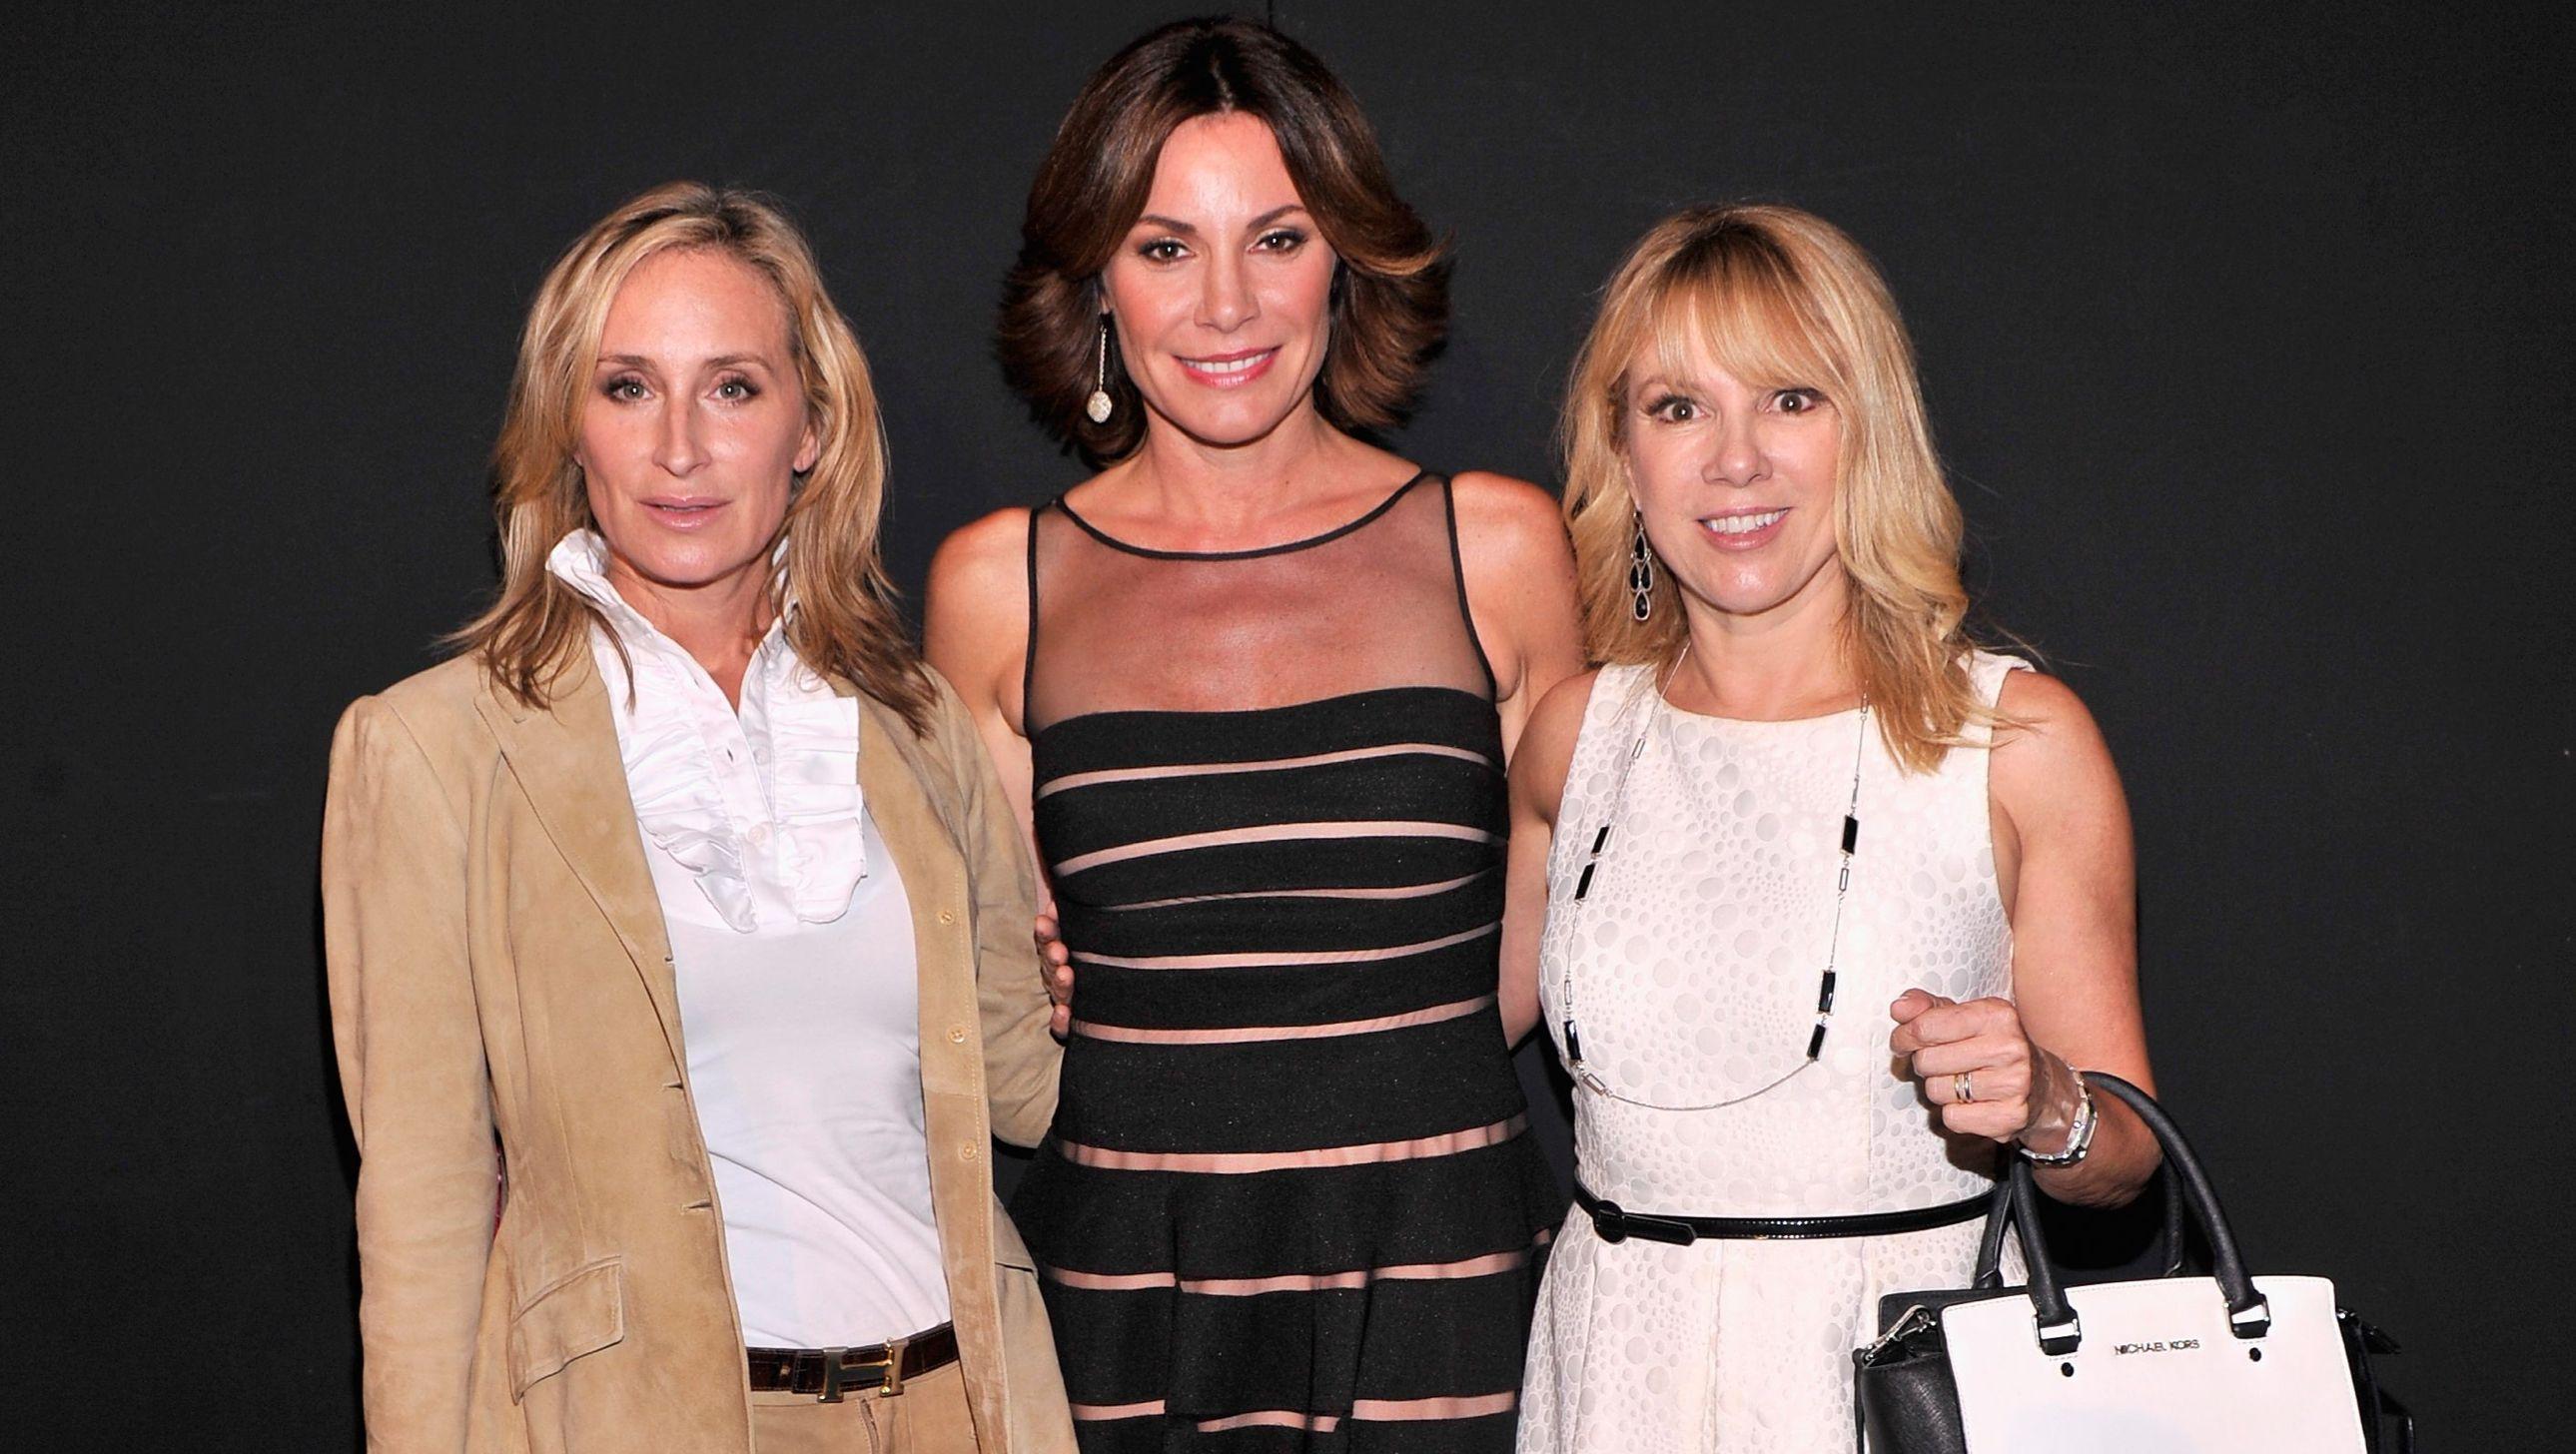 Sonja Morgan wears a beige blazer with Luann de Lesseps and Ramona Singer in dresses.